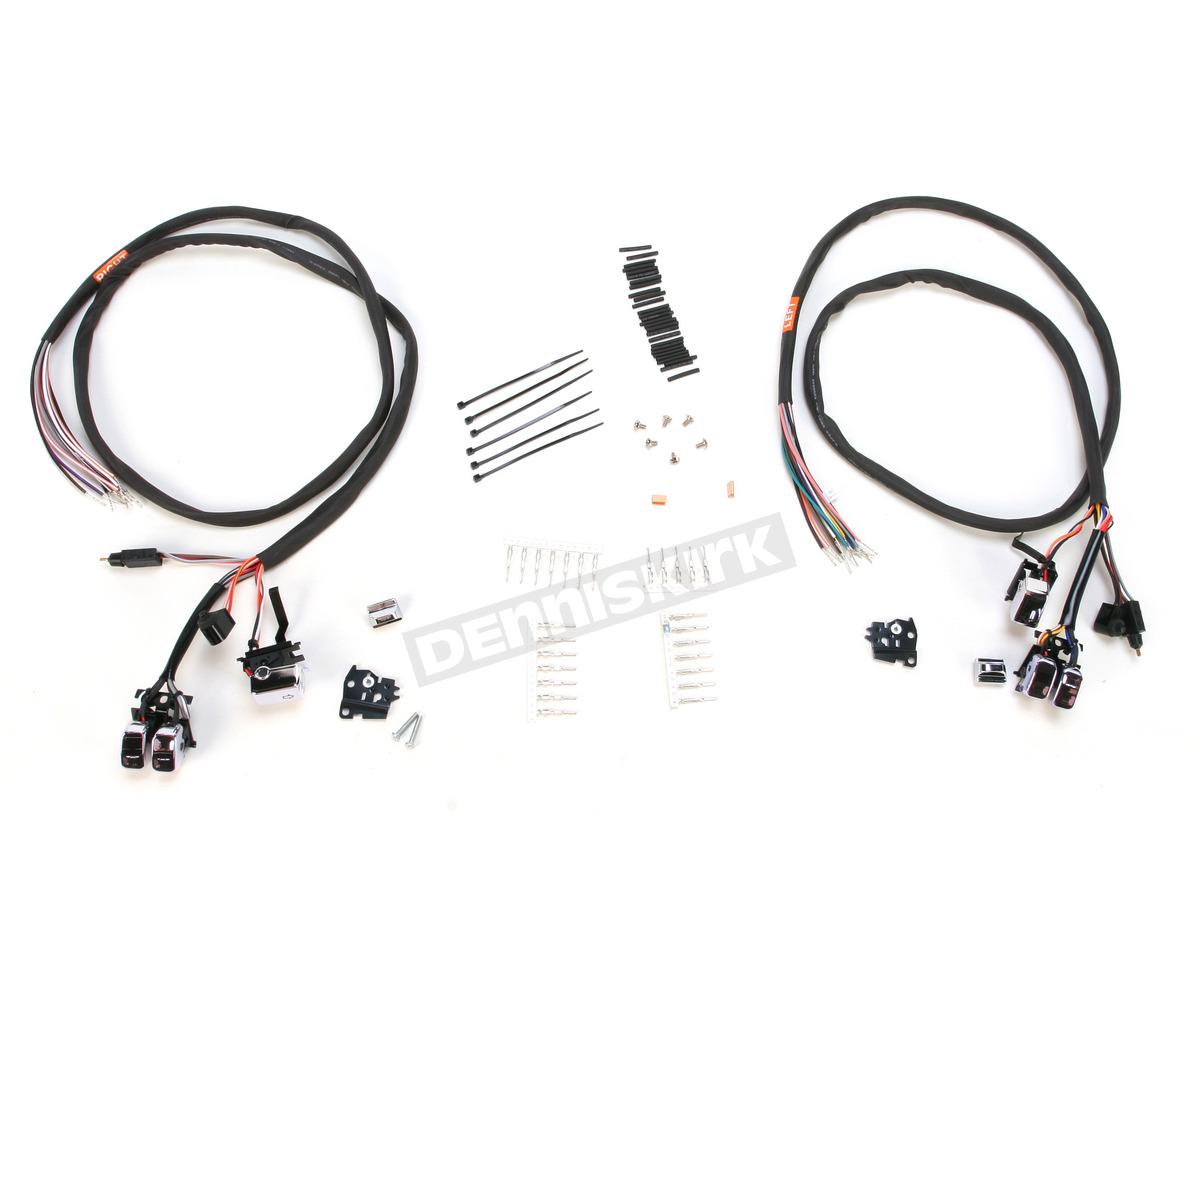 V Factor Chrome L E D Handlebar Switch Wiring Kit